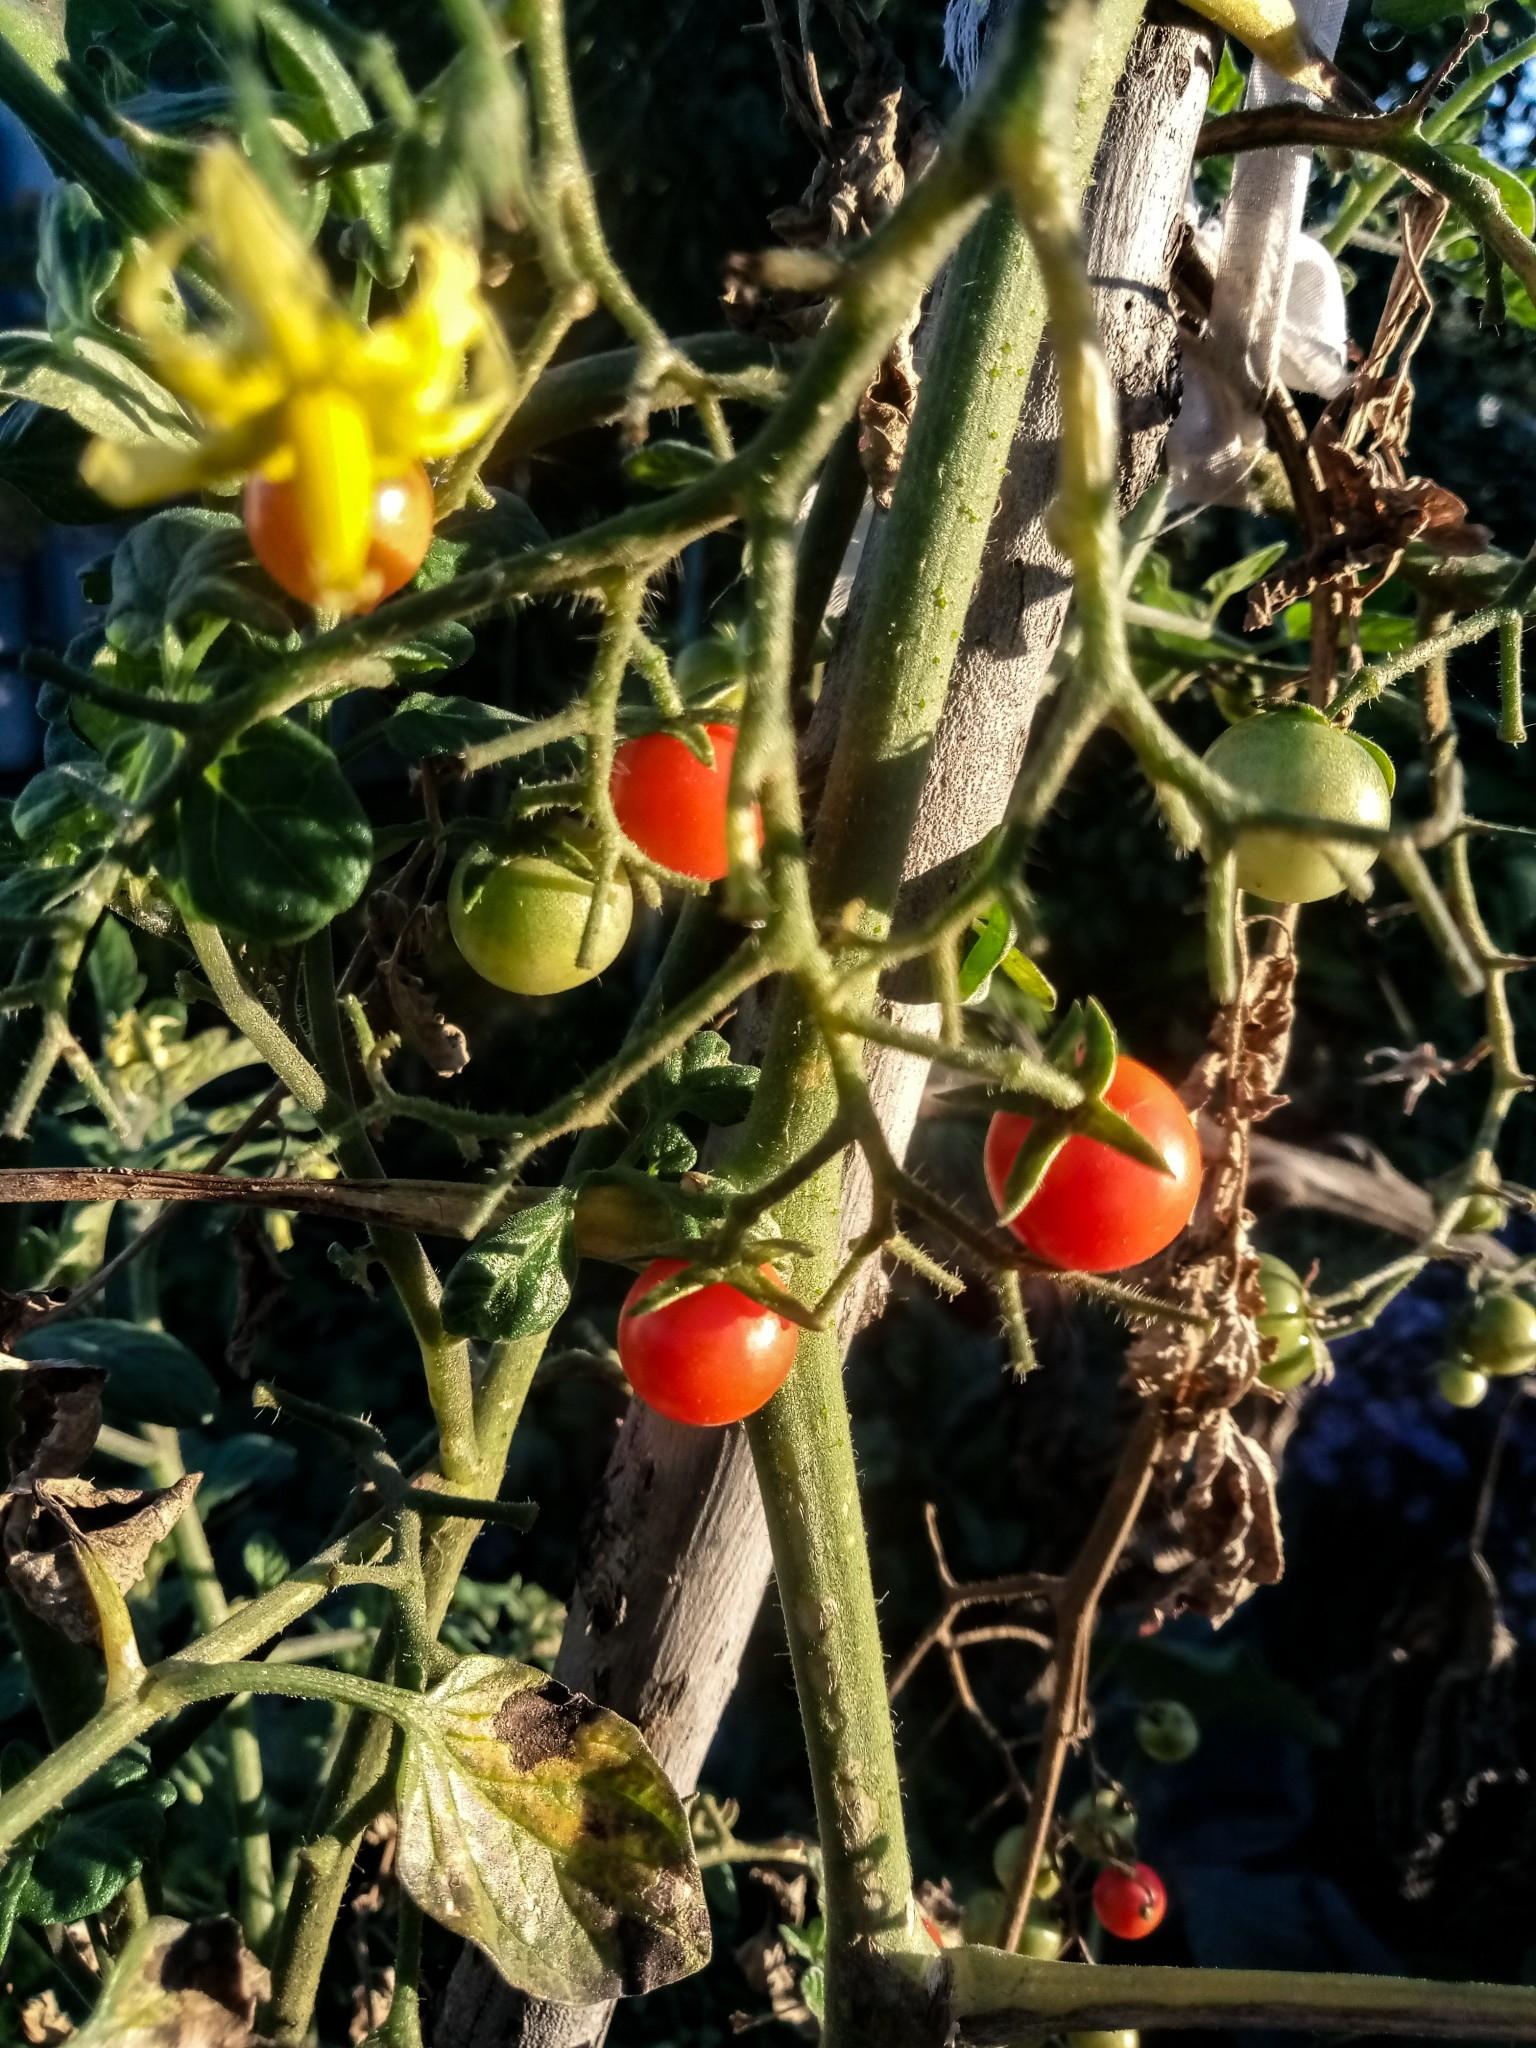 Cherry tomatoes photos 10